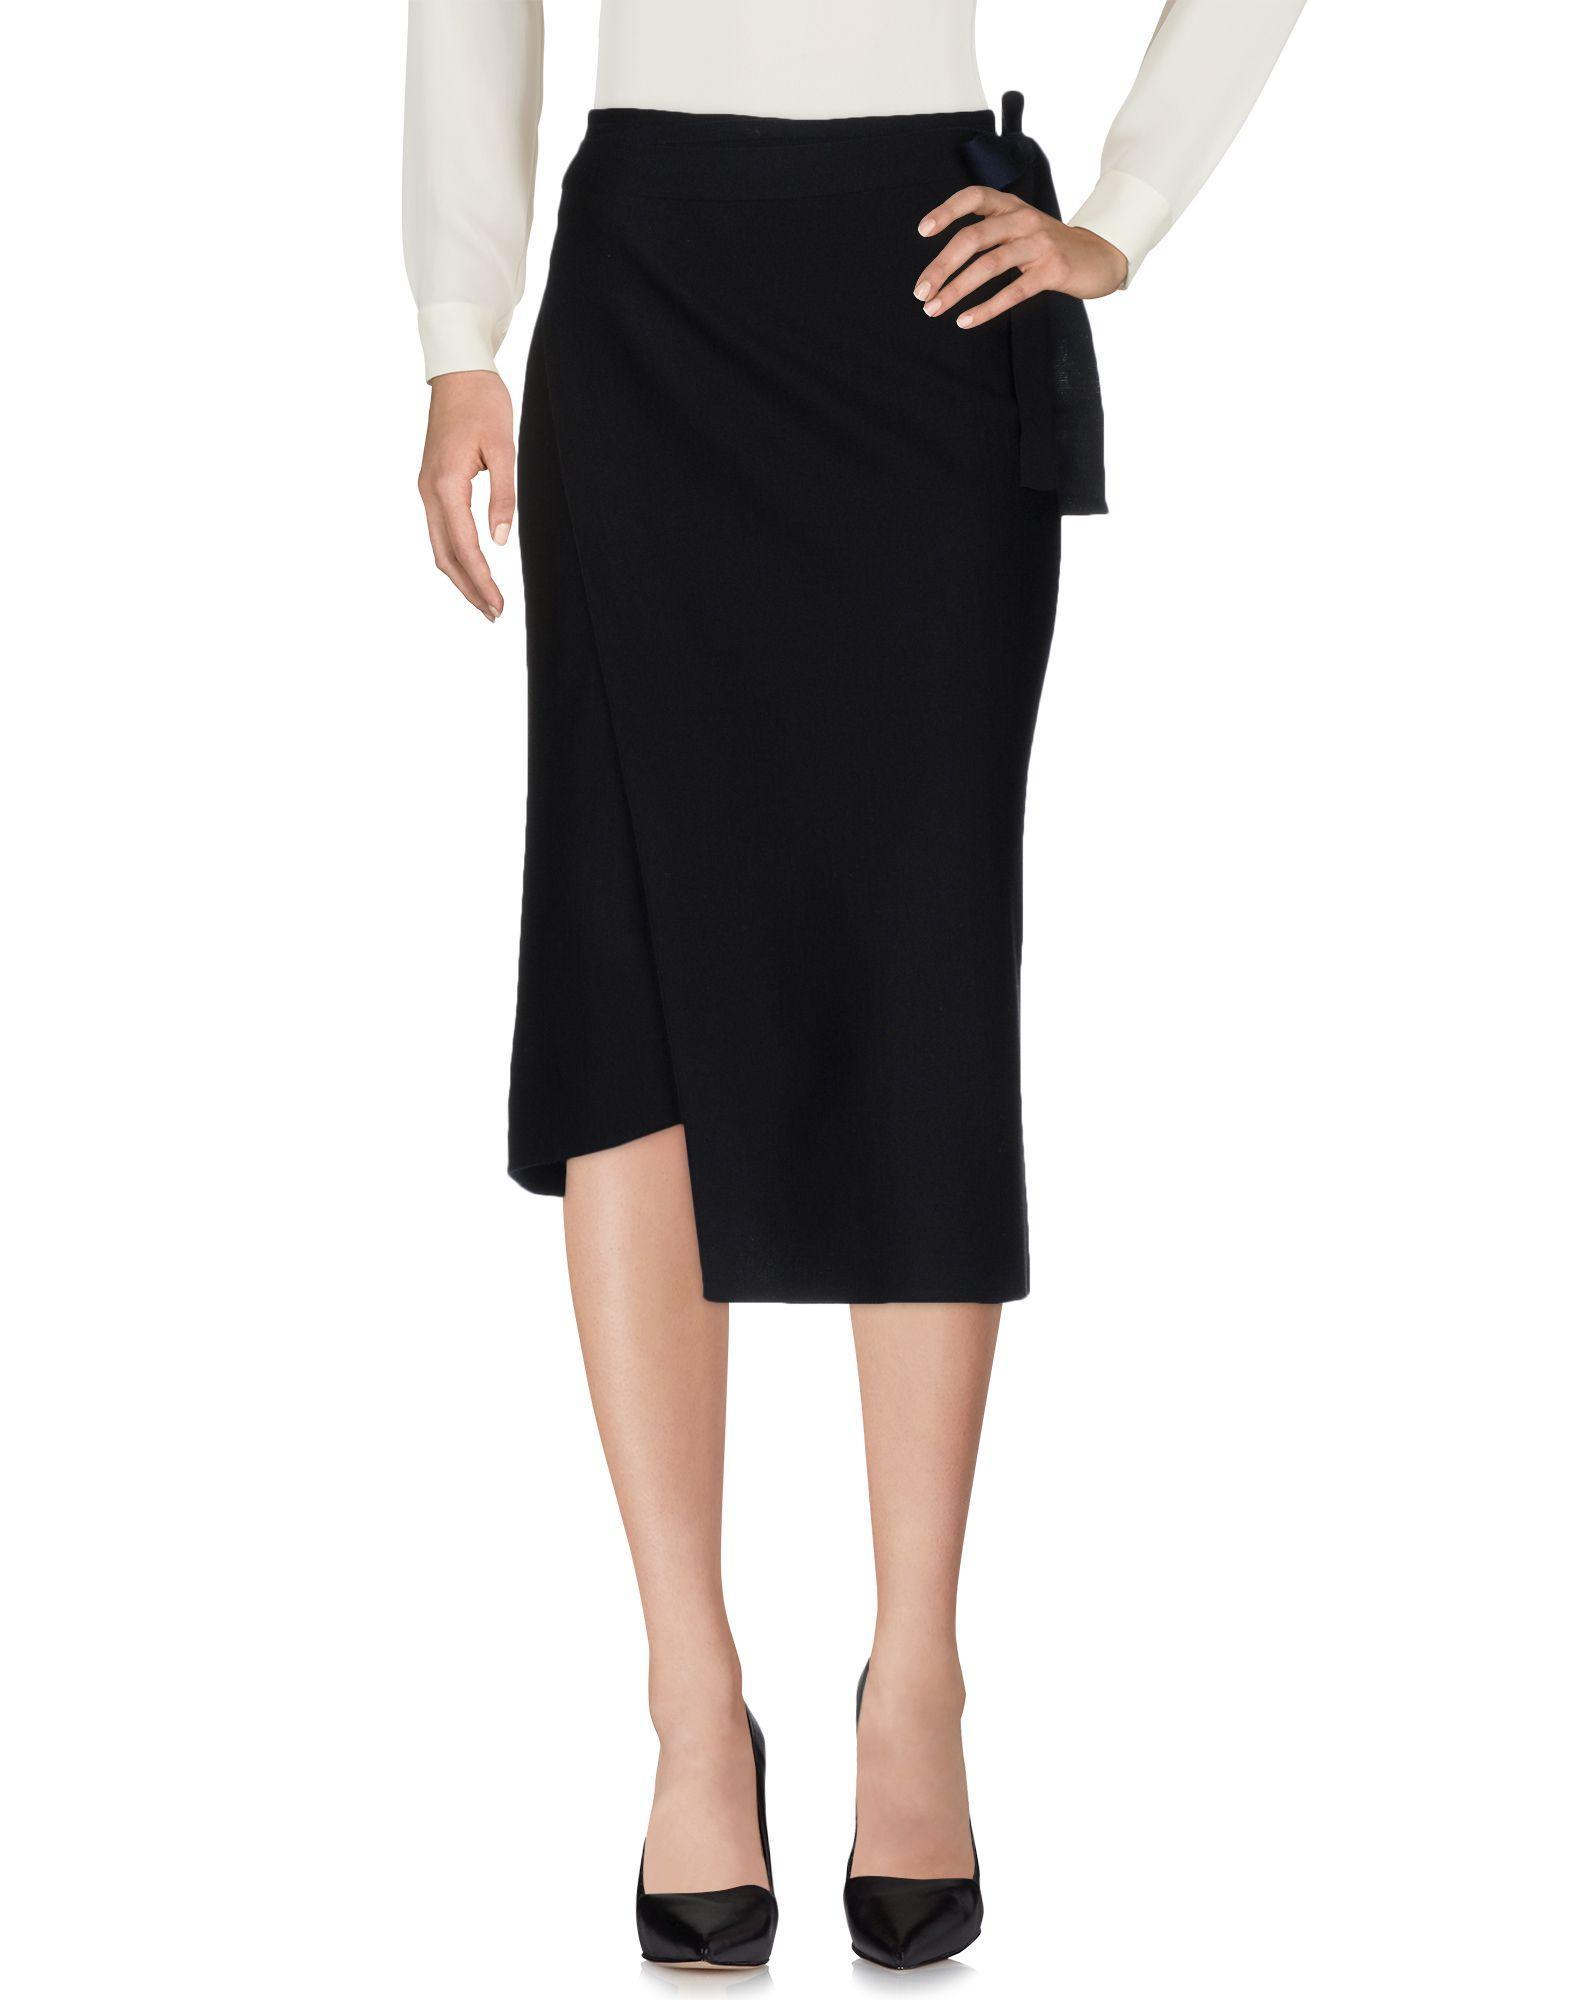 Mrz Midi Skirts In Black